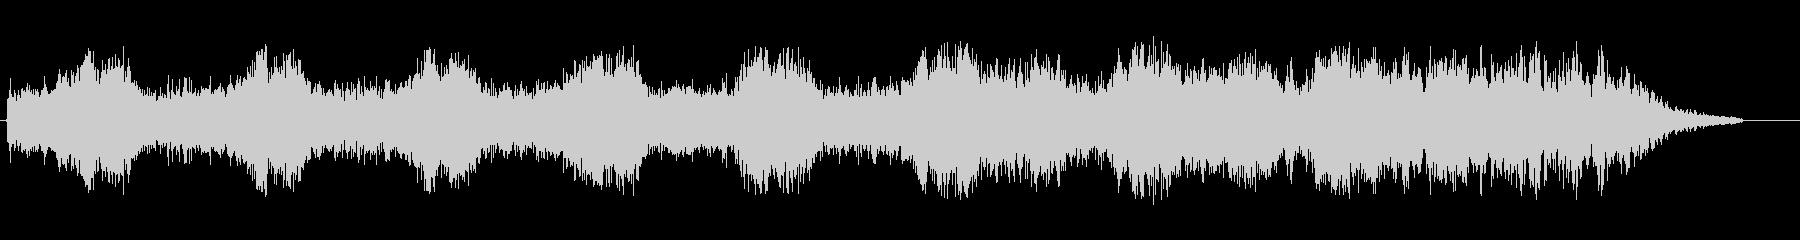 つくつくボウシ(セミの鳴き声)の未再生の波形